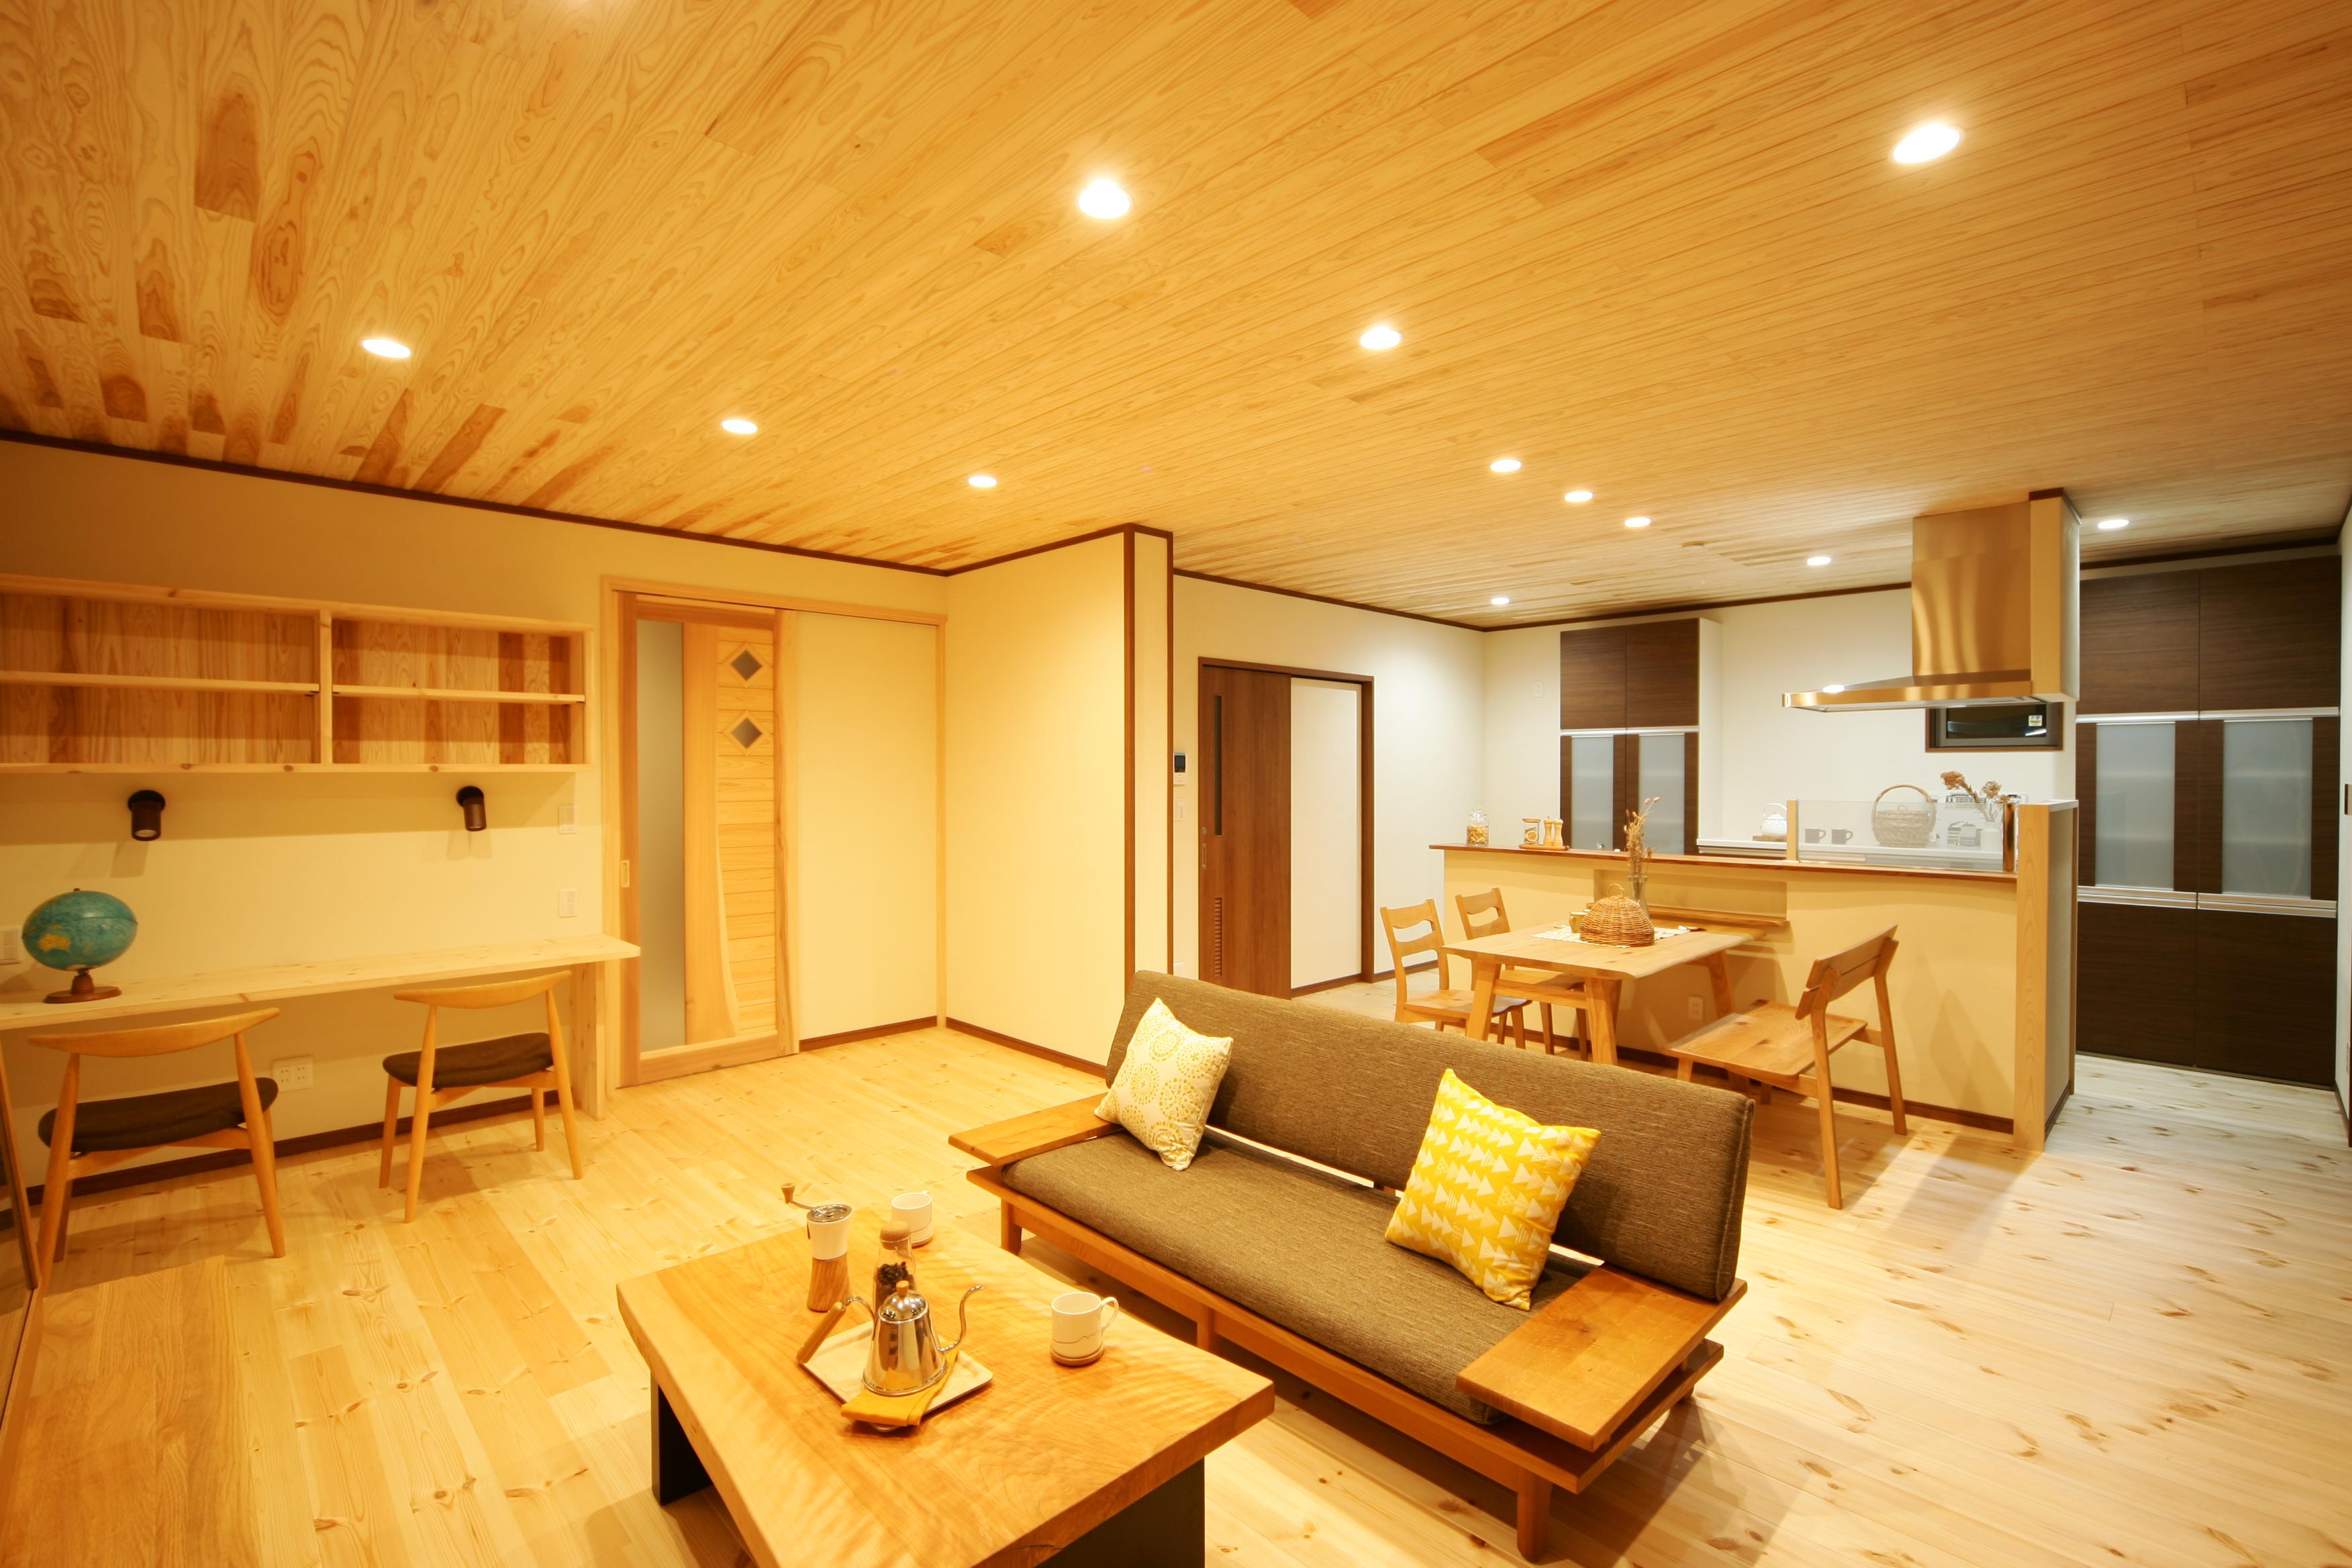 住まいるコーポレーション【子育て、自然素材、間取り】1階のLDKは、床がパインの板張り、天井が杉の板張り、そして壁には珪藻土を使用。珪藻土は温度や湿度を調整する作用があり、消臭効果もあるので、年中快適な空間を保つことができる